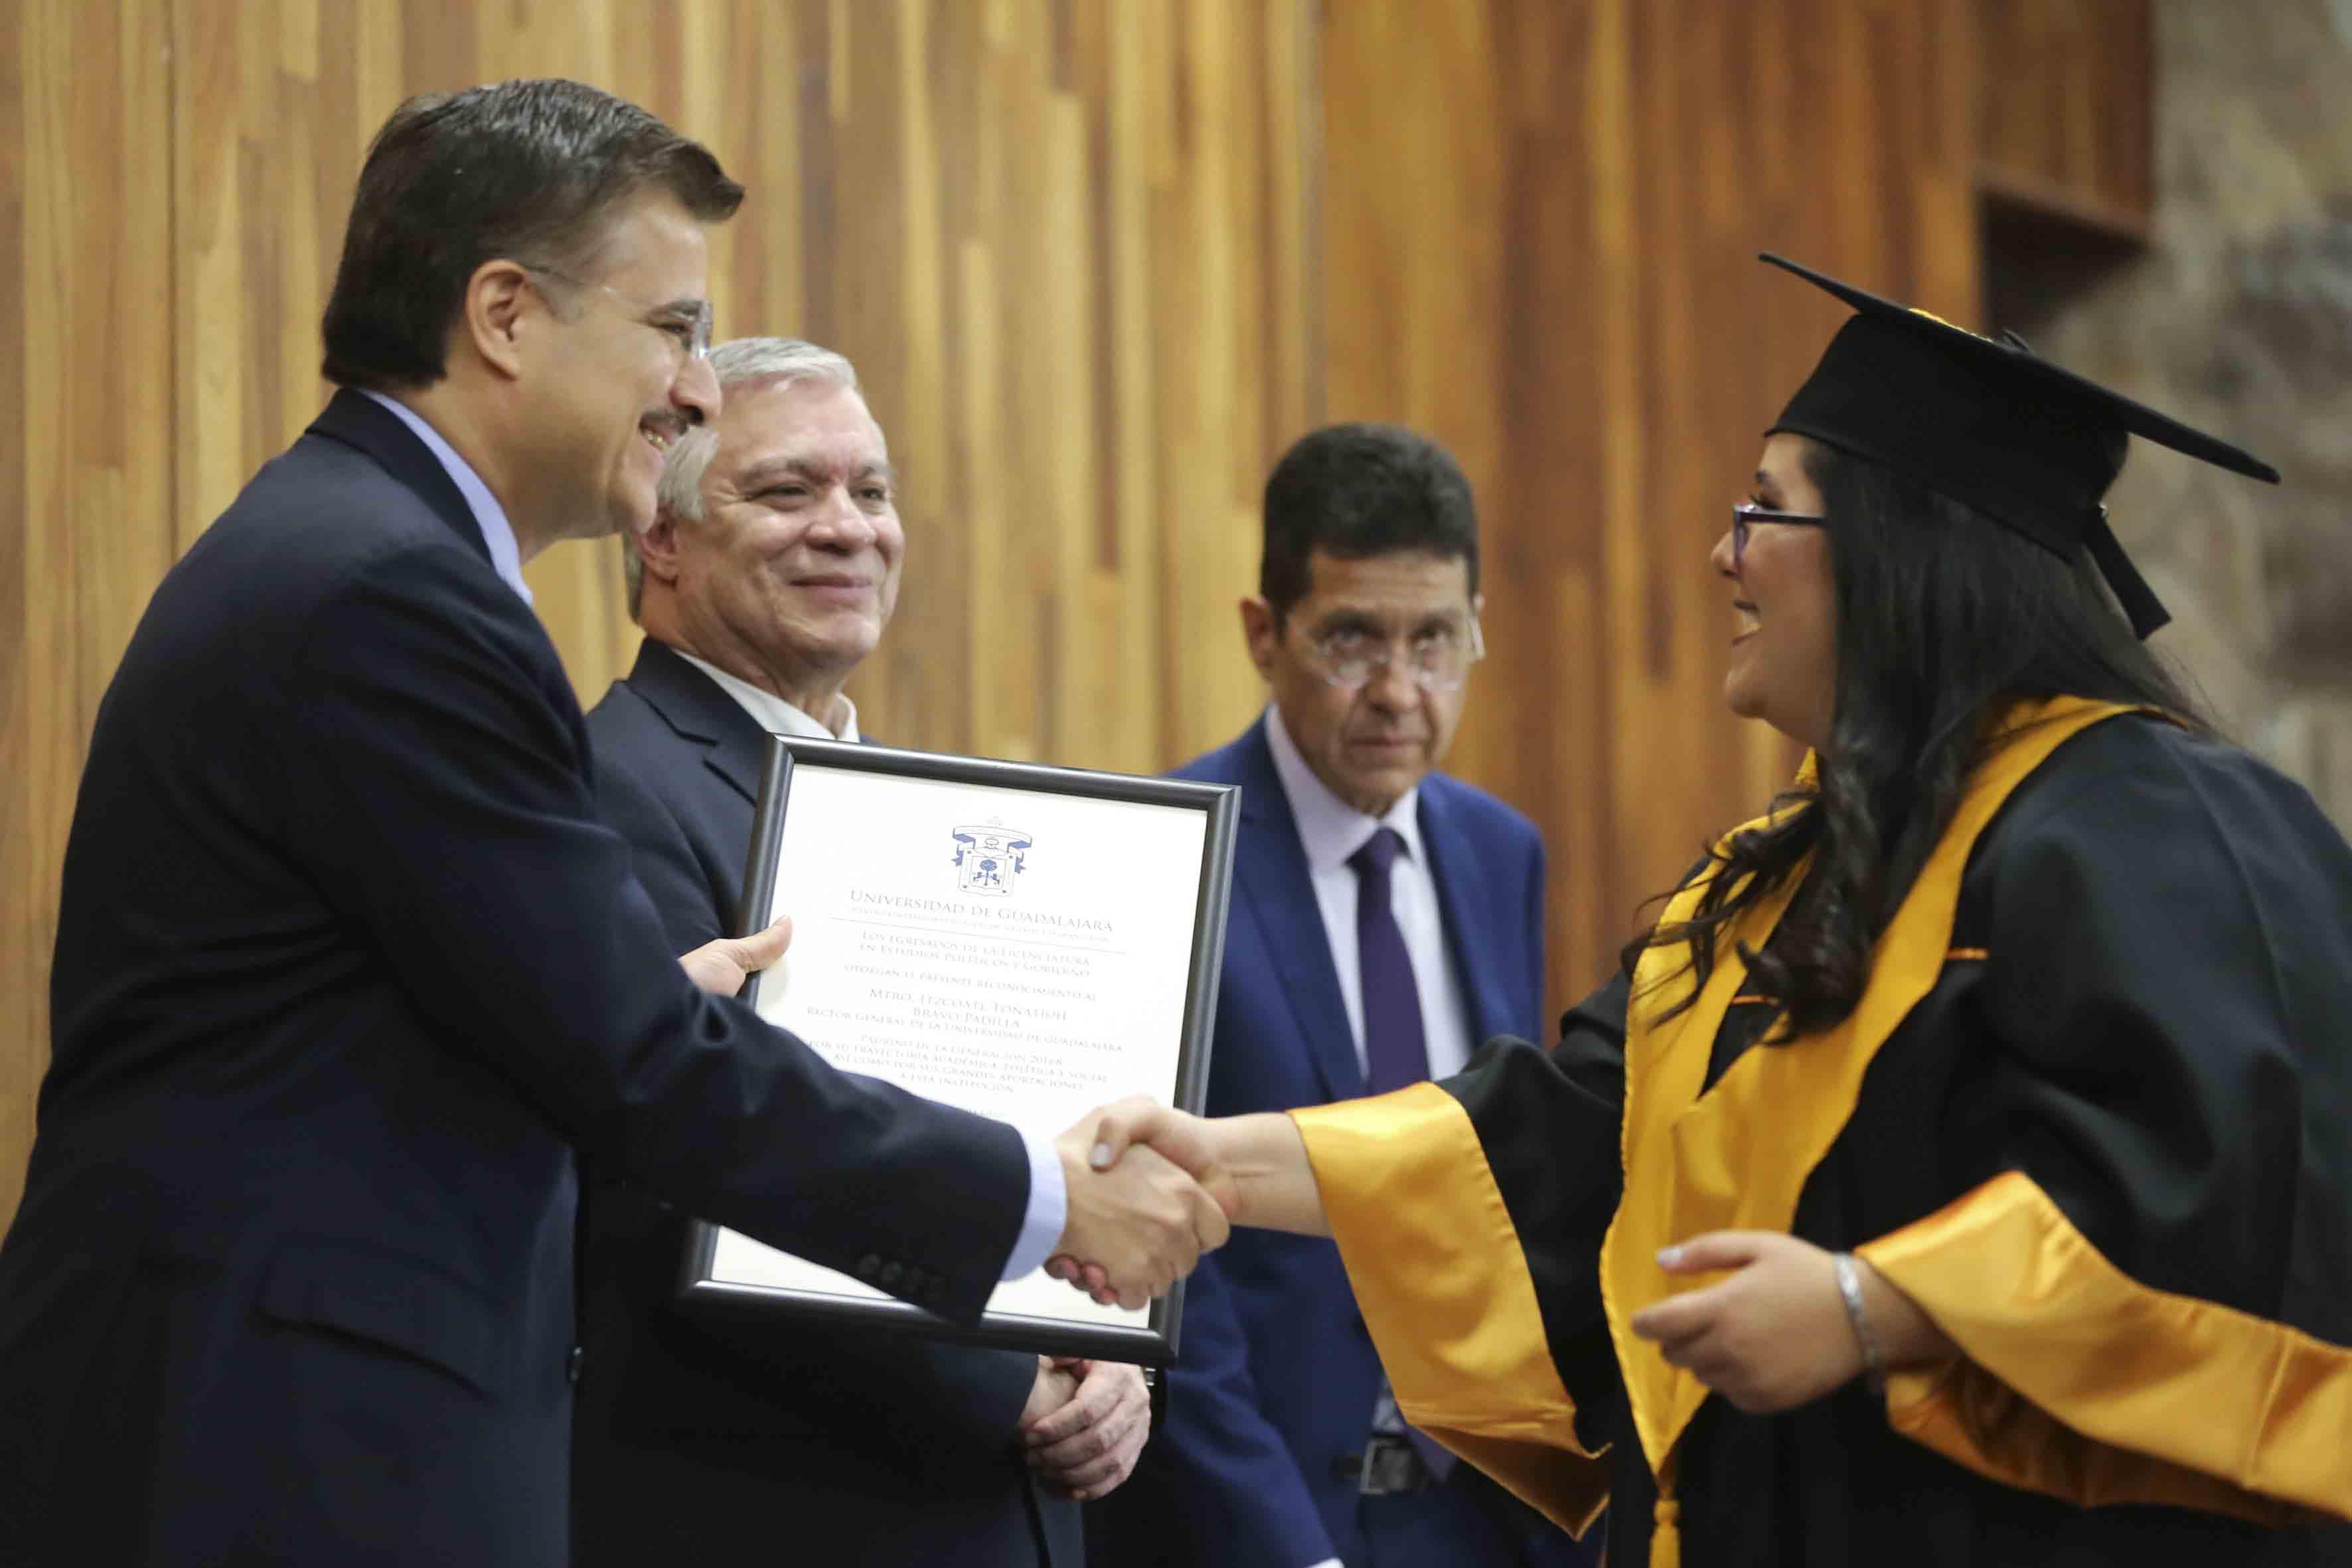 Maestro Itzcóatl Tonatiuh Bravo Padilla, Rector General de la Universidad de Guadalajara, entregando reconocimientos a egresados de la carrera de Estudios Políticos y Gobierno, en acto protocolario en el Paraninfo Enrique Díaz de Léon.